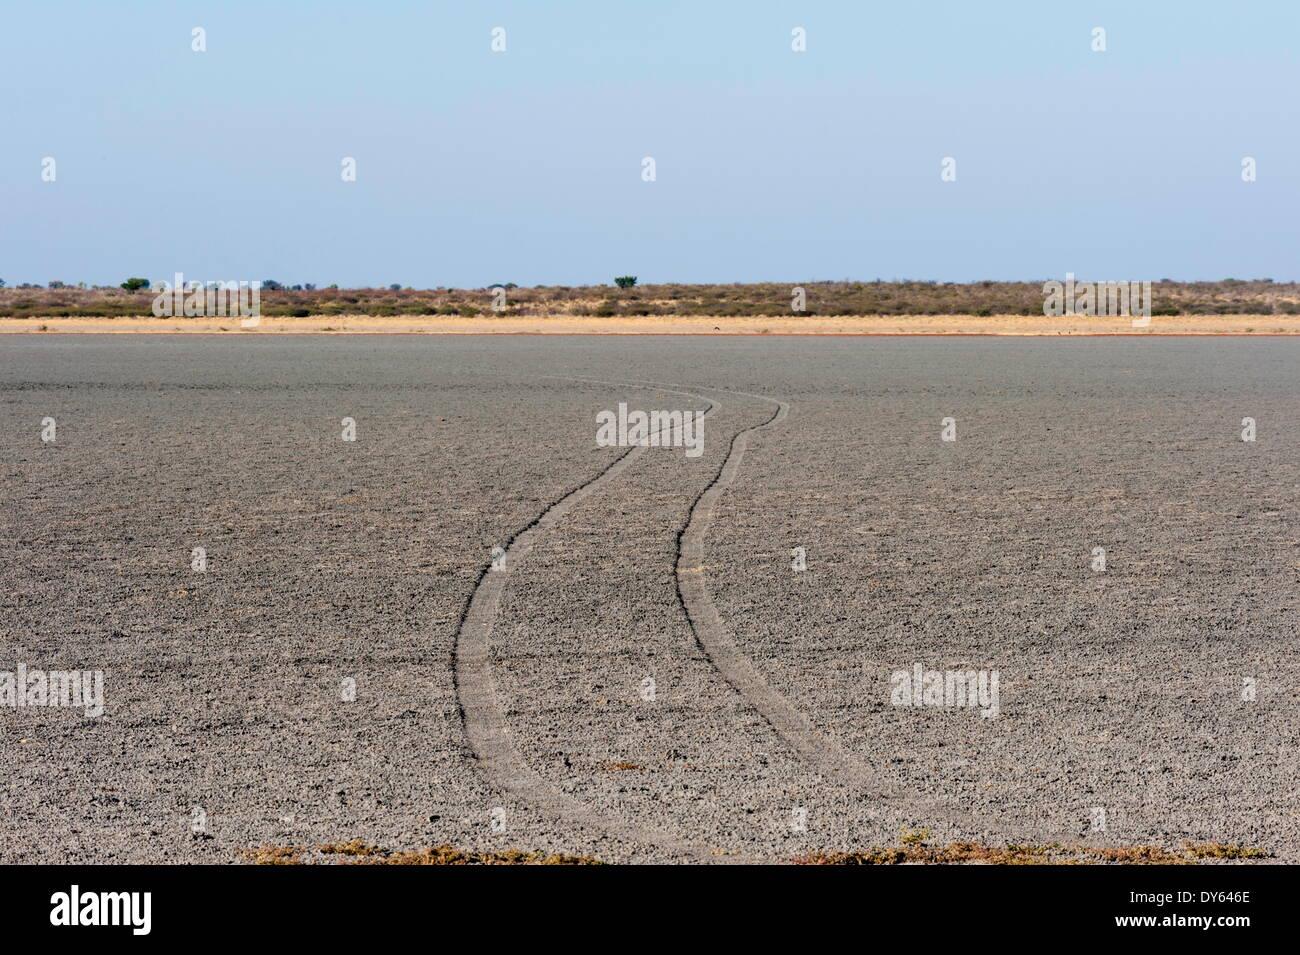 Central Kalahari National Park, Botswana, Africa - Stock Image